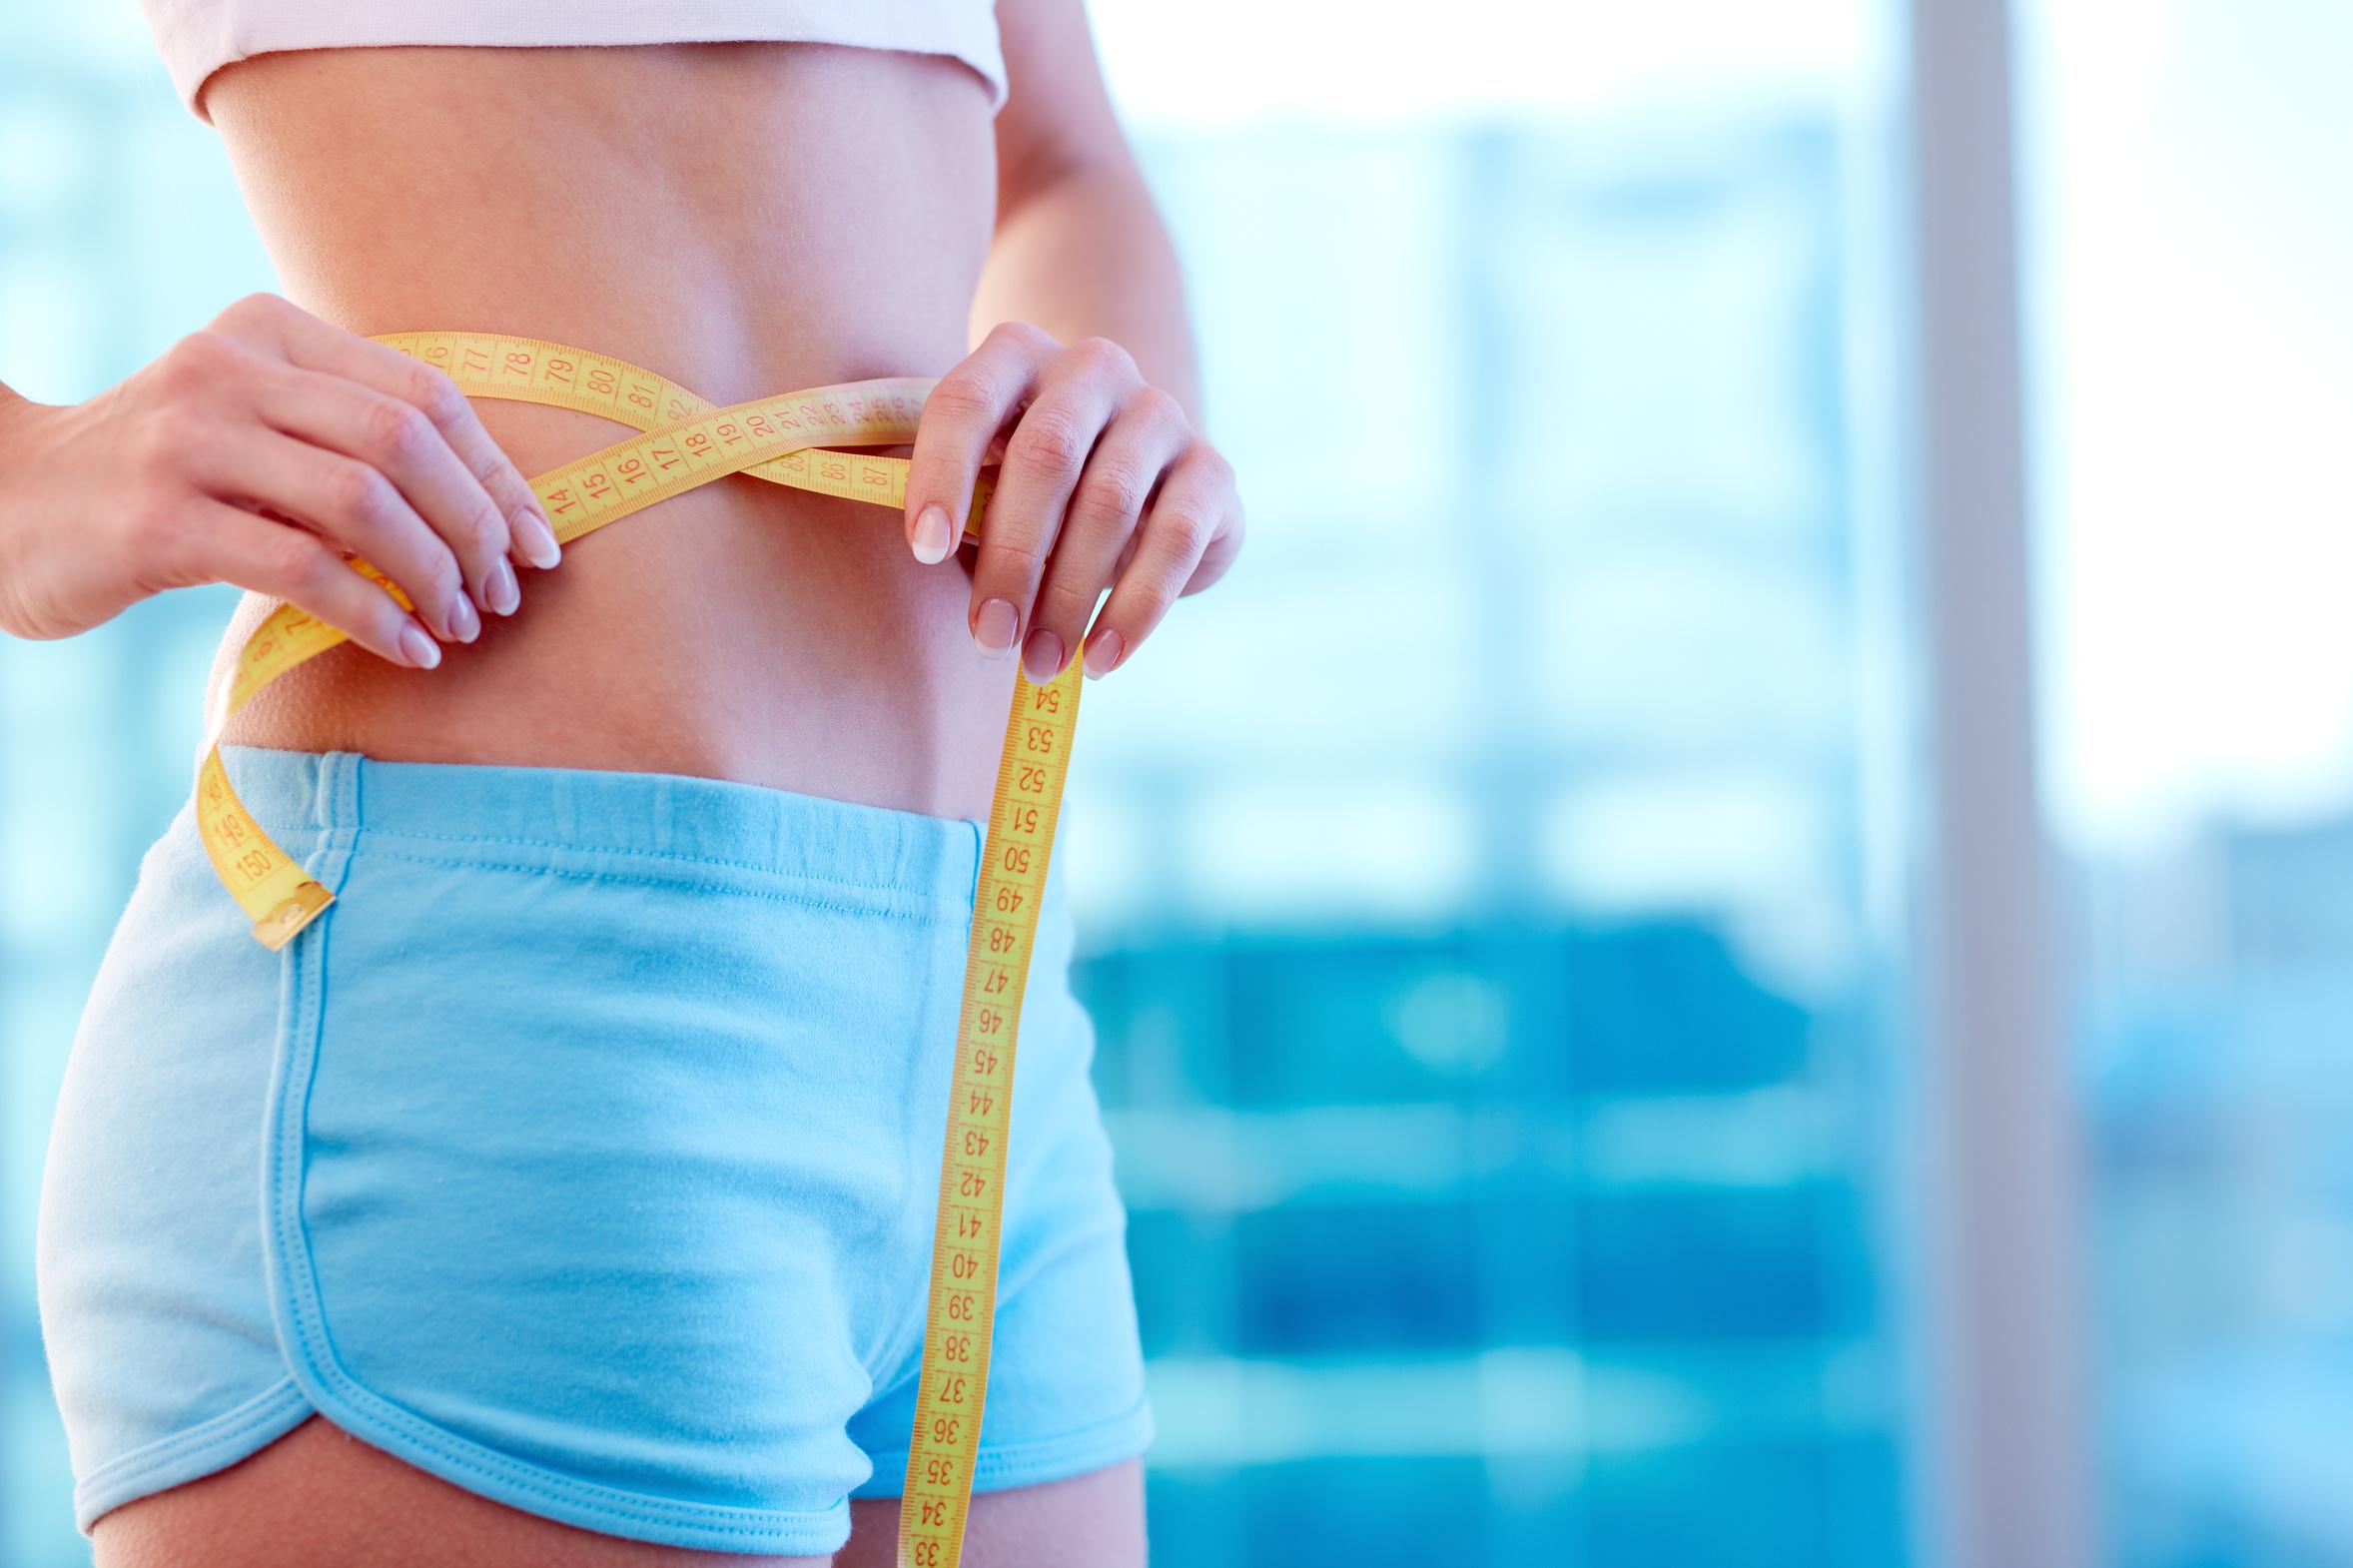 ceea ce este mai eficient pentru pierderea în greutate